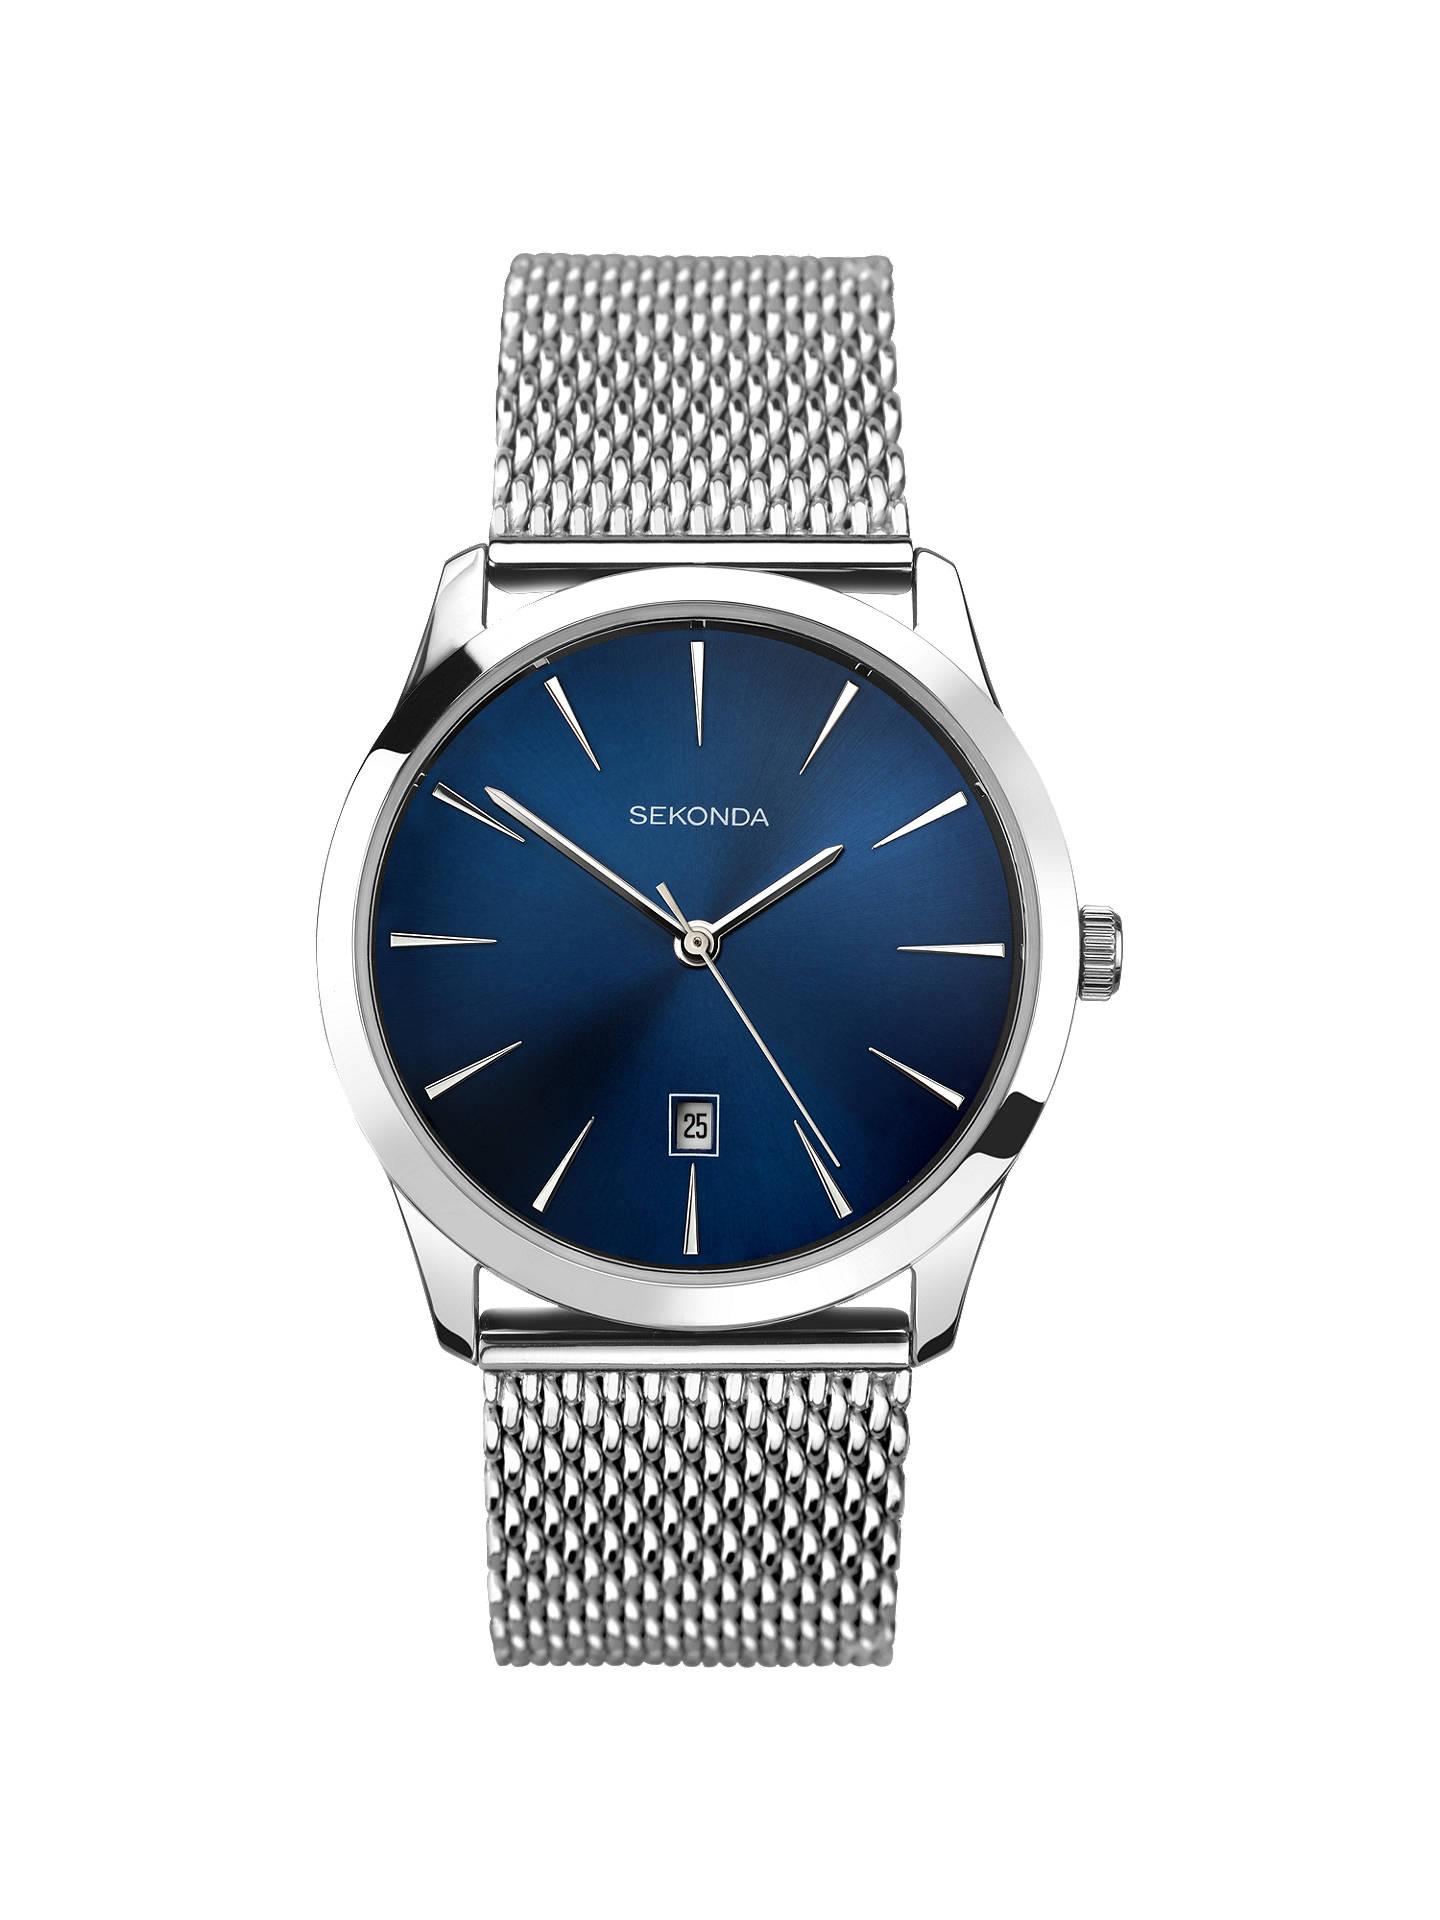 8b0d7bee190d Buy Sekonda 1065.27 Men s Date Bracelet Strap Watch